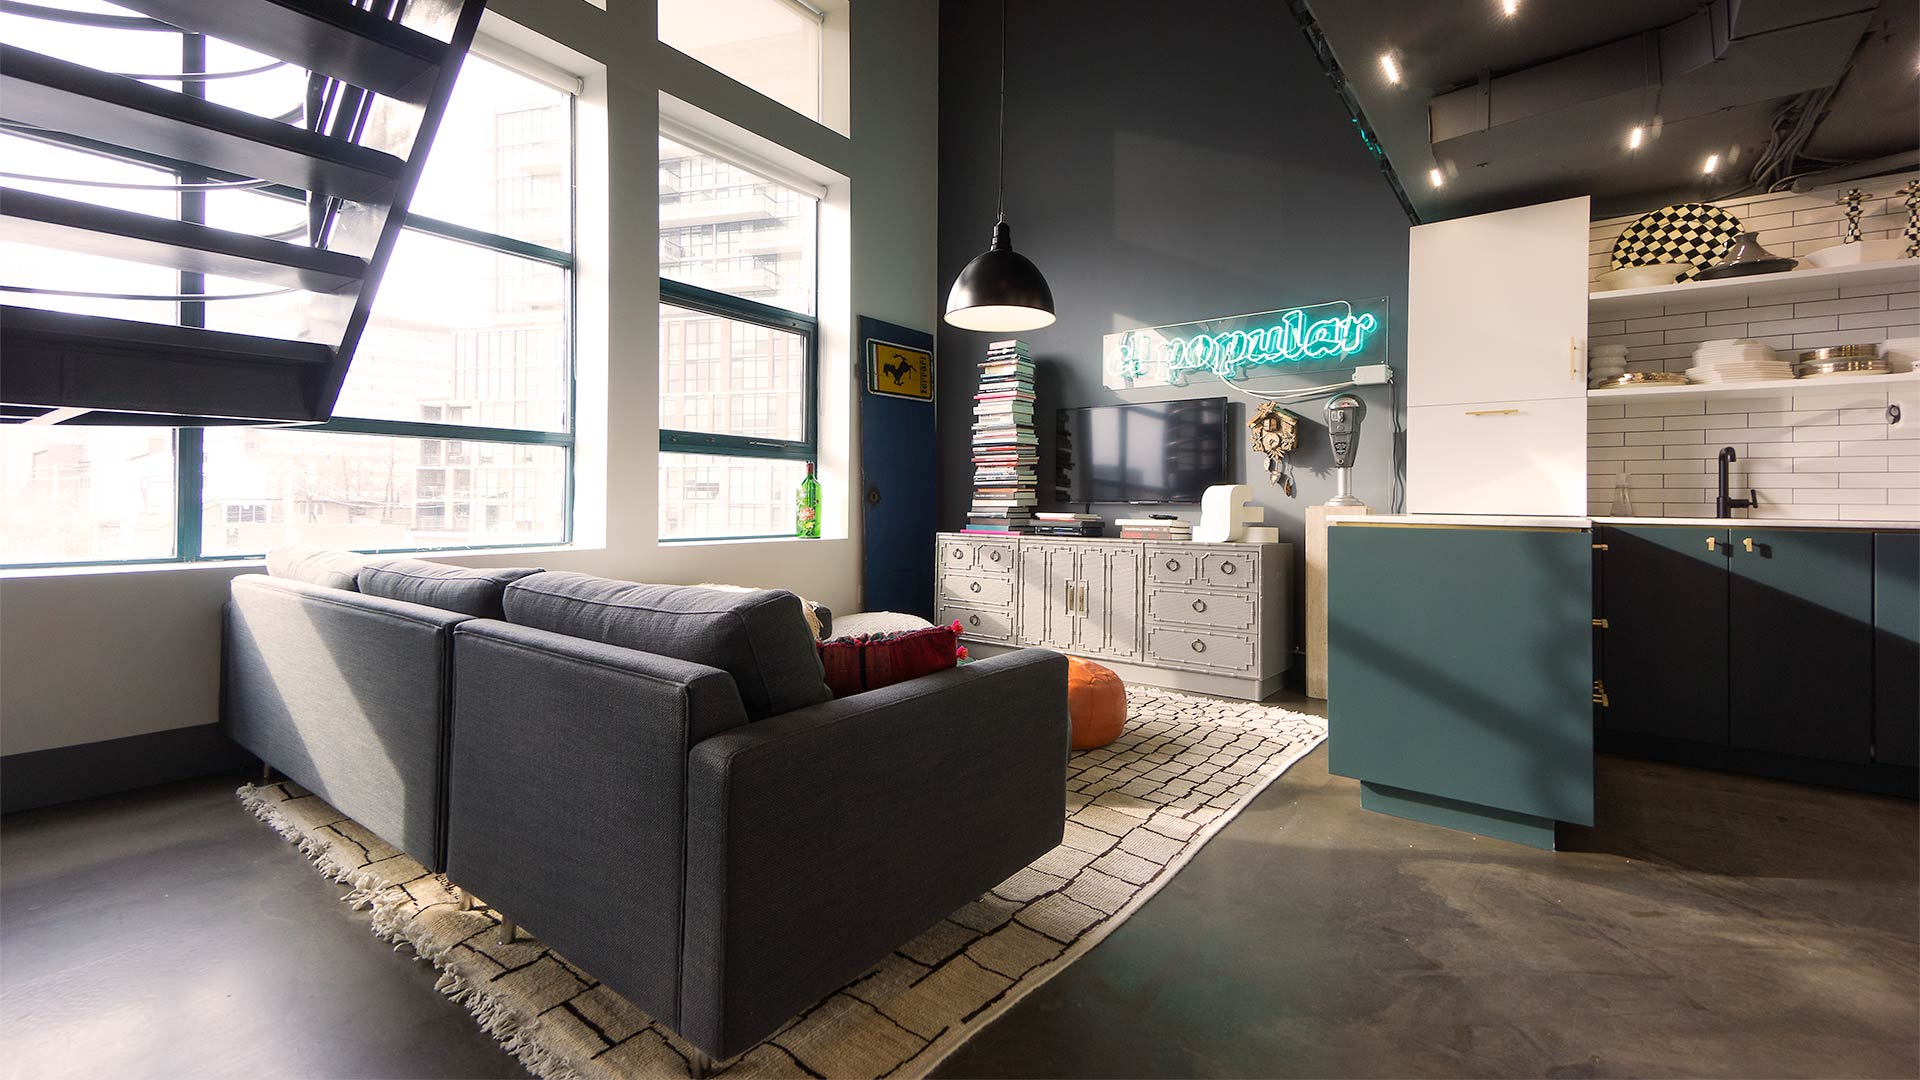 Fredrick dawson design consulting toronto firm interior for Interior design agency toronto